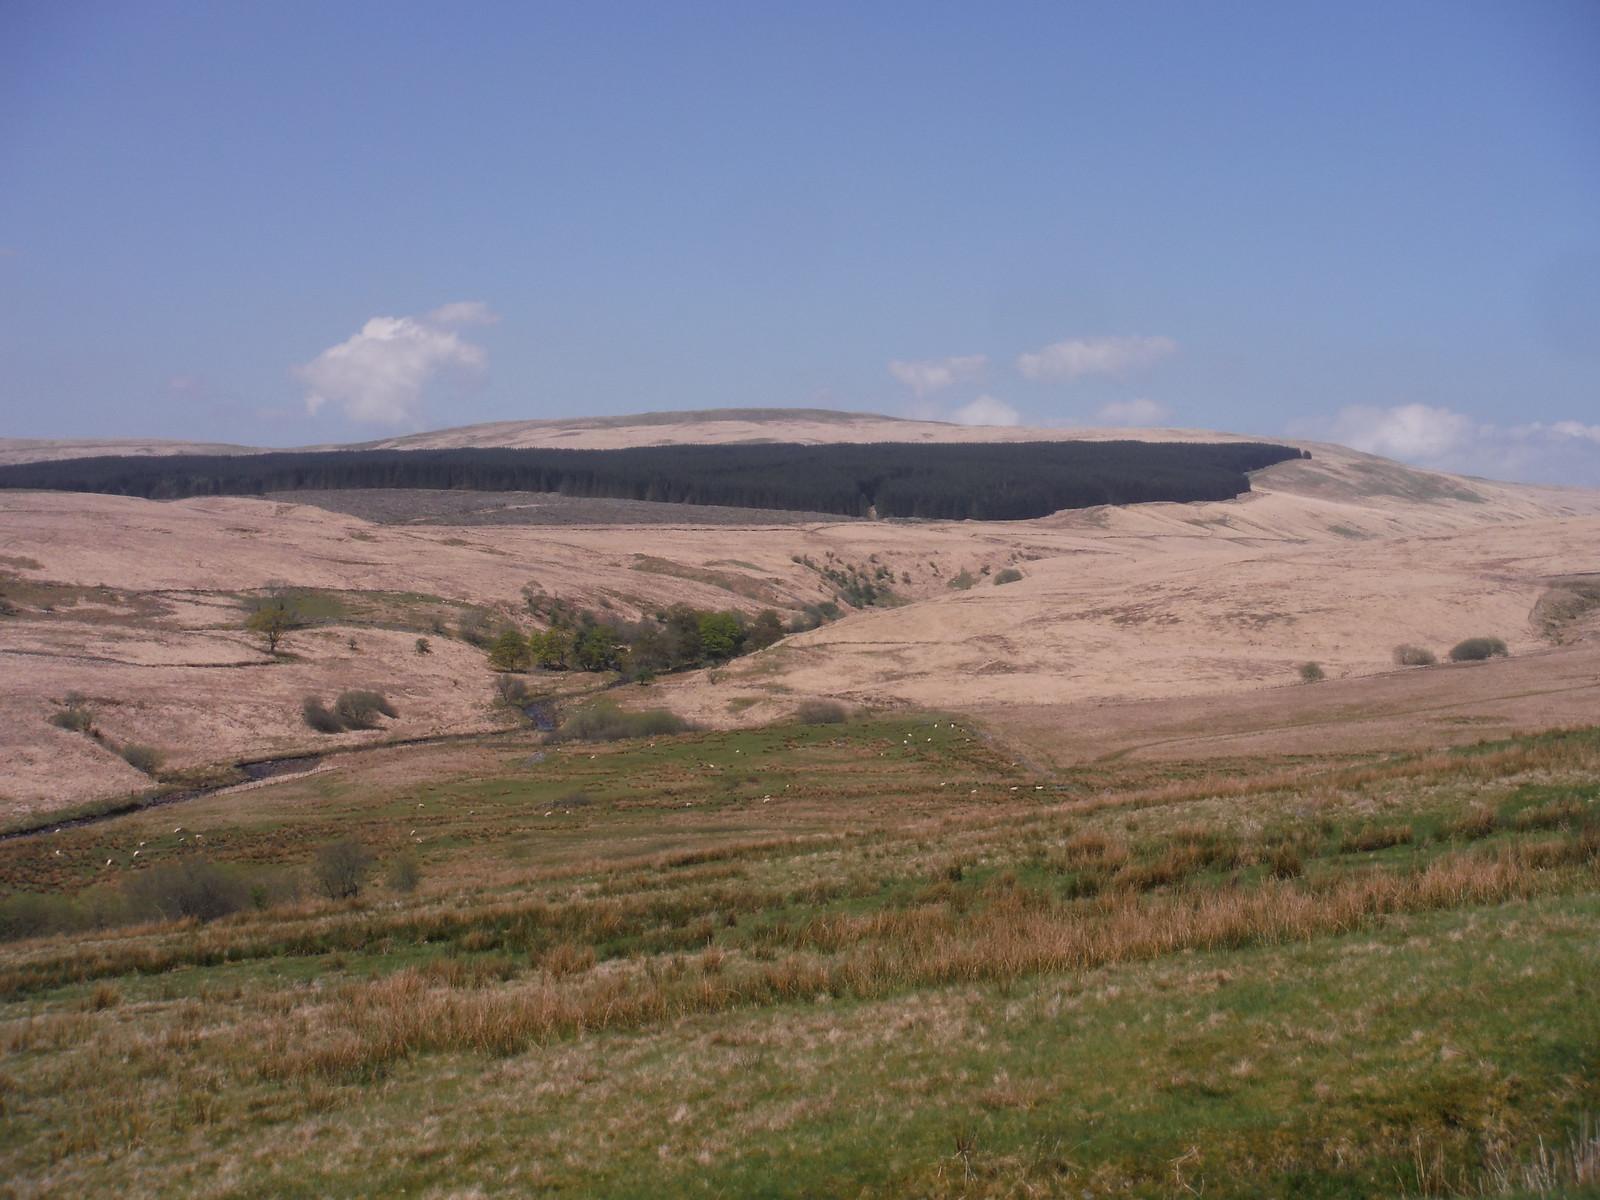 Wood on Fan Fraith, from Sarn Helen Roman Road SWC Walk 307 - Fforest Fawr Traverse (Craig y Nos to Llwyn-y-celyn) [Beacons Way Route]